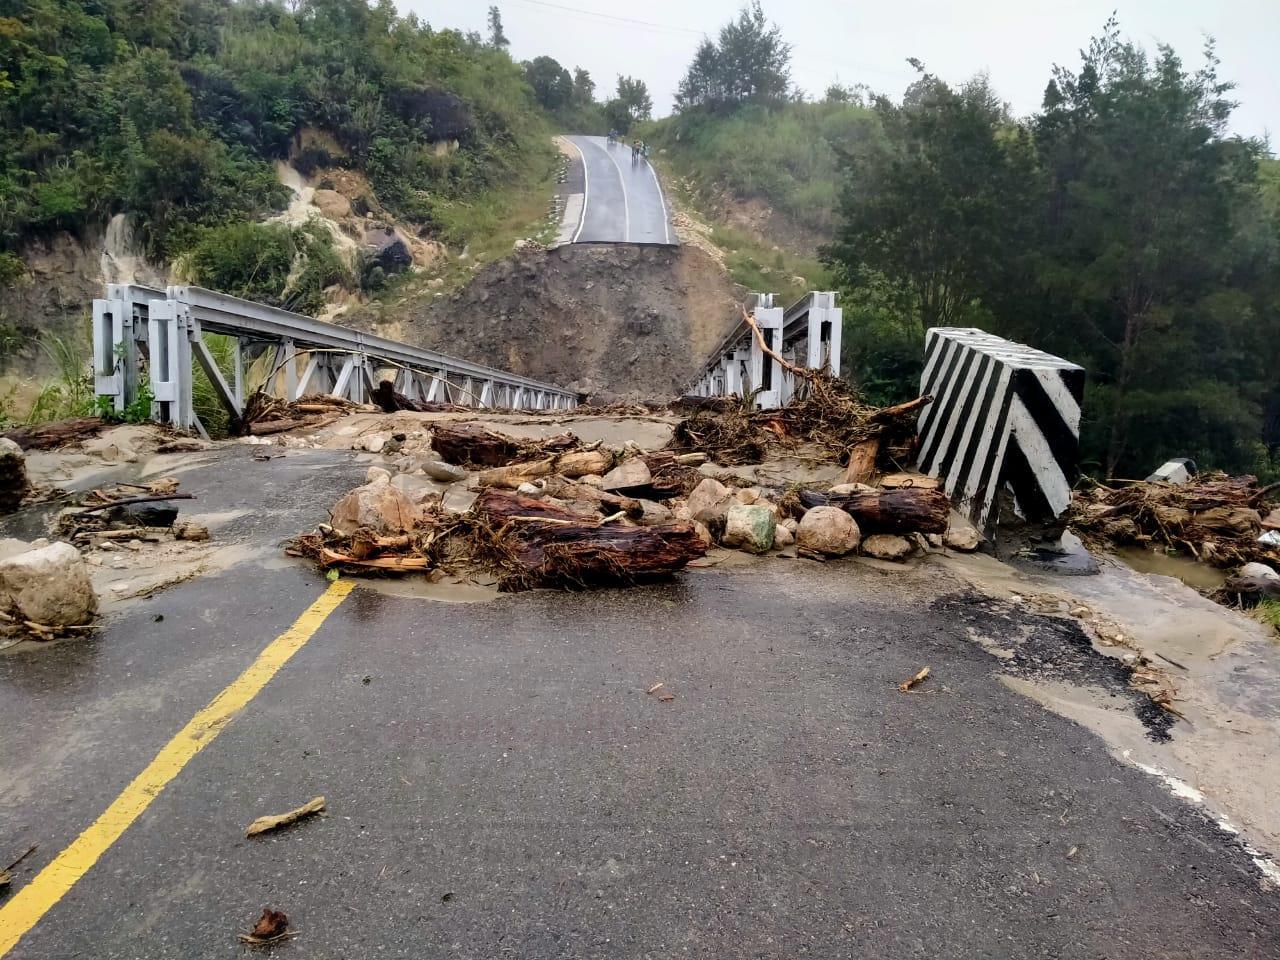 Pasca Banjir Bandang di Yalimo, PLN Lakukan Pemadaman Bergilir Selama Enam Hari Kedepan 17 IMG 20210223 WA0076